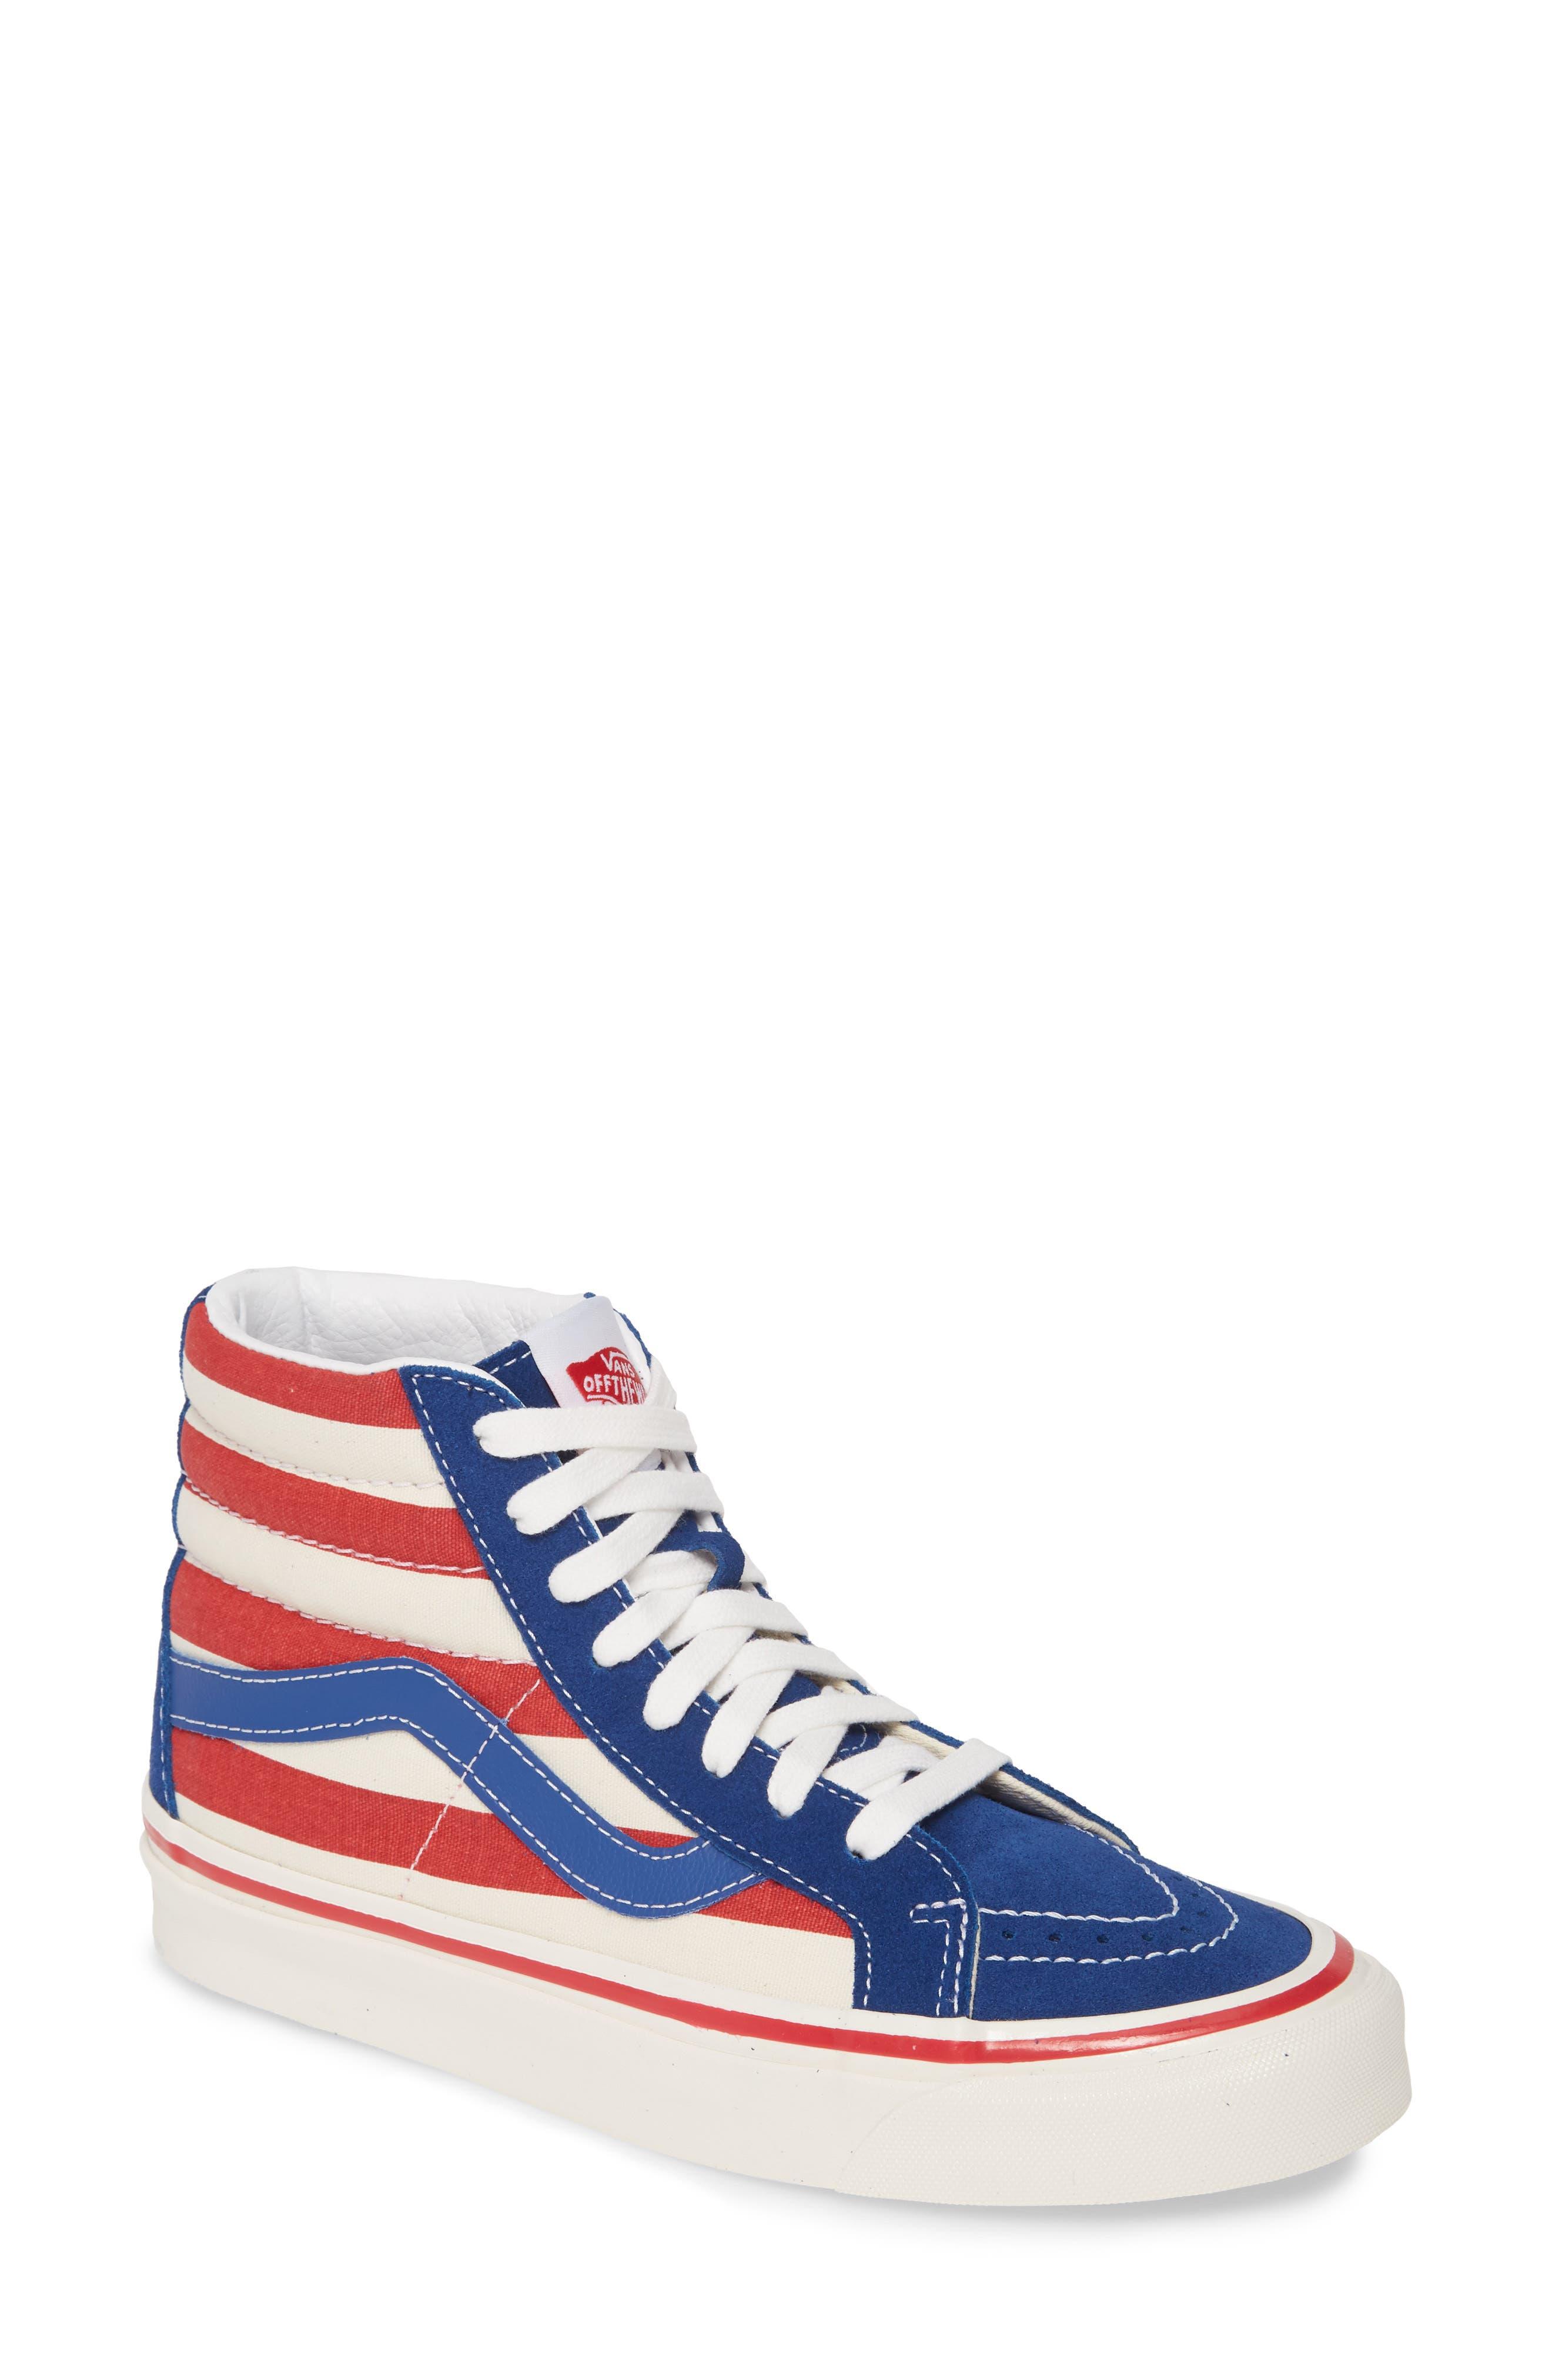 Vans Sk8-Hi 38 Dx High Top Sneaker